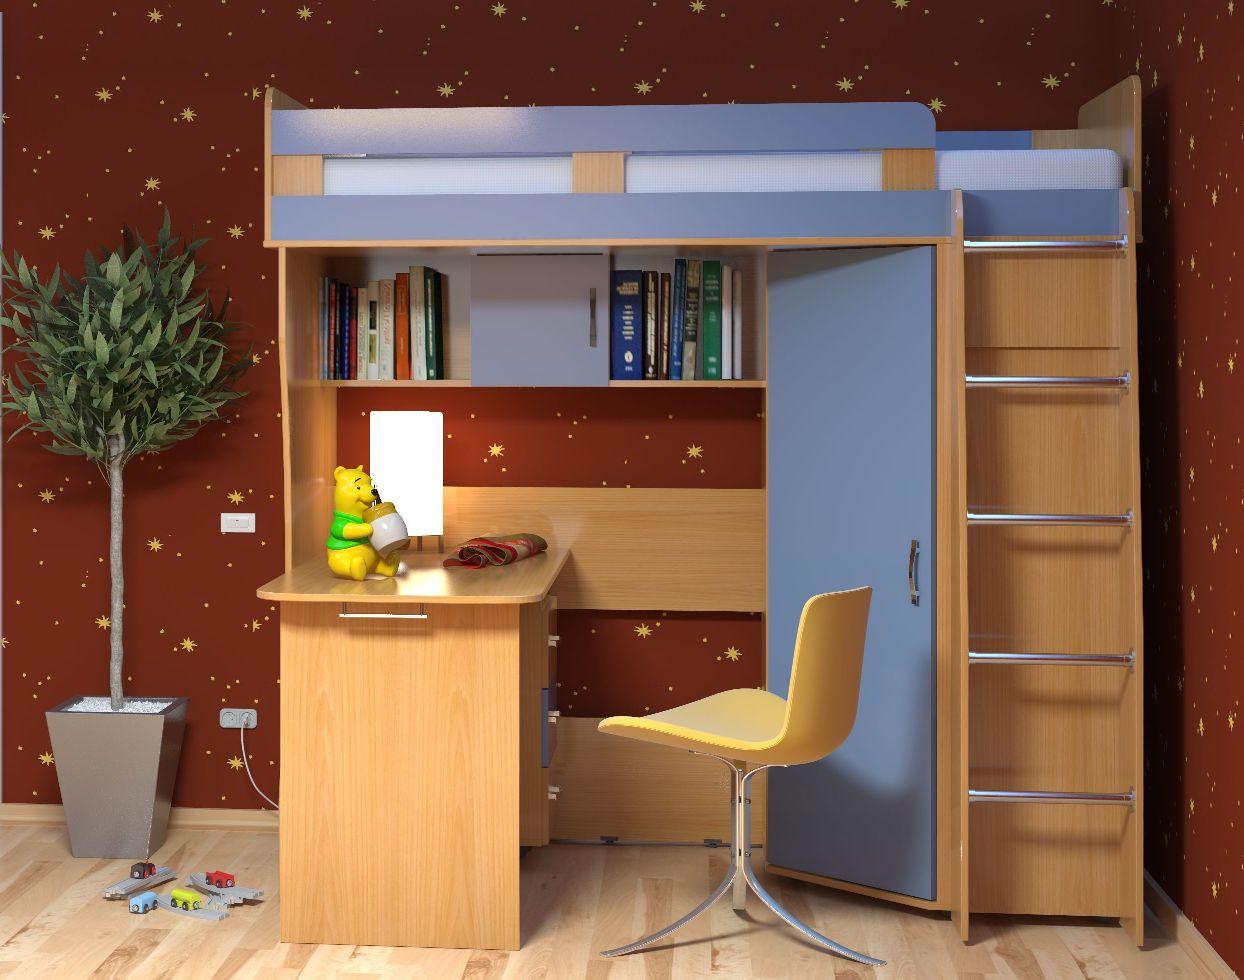 Детская комната Малыш-2Детские комнаты<br>Размер: 2040х1900х840/1020<br><br>Материалы: ЛДСП, рамка МДФ<br>Полный размер (ДхВхГ): 2040х1900х840/1020<br>Спальное место: 800х2000<br>Комплектация: Матрас входит в стоимость<br>Примечание: Ручки пластиковые в цвет мебели!<br>Изготовление и доставка: 8-10 дней<br>Условия доставки: Бесплатная по Москве до подъезда<br>Условие оплаты: Оплата наличными при получении товара<br>Доставка по МО (за пределами МКАД): 30 руб./км<br>Доставка в пределах ТТК: Доставка в центр Москвы осуществляется ночью, с 22.00 до 6.00 утра<br>Подъем на грузовом лифте: 700 руб.<br>Подъем без лифта: 350 руб./этаж (включая первый)<br>Сборка: 10% от стоимости изделия, но не менее 1,000 руб.<br>Гарантия: 12 месяцев<br>Производство: Россия<br>Производитель: Mebelus